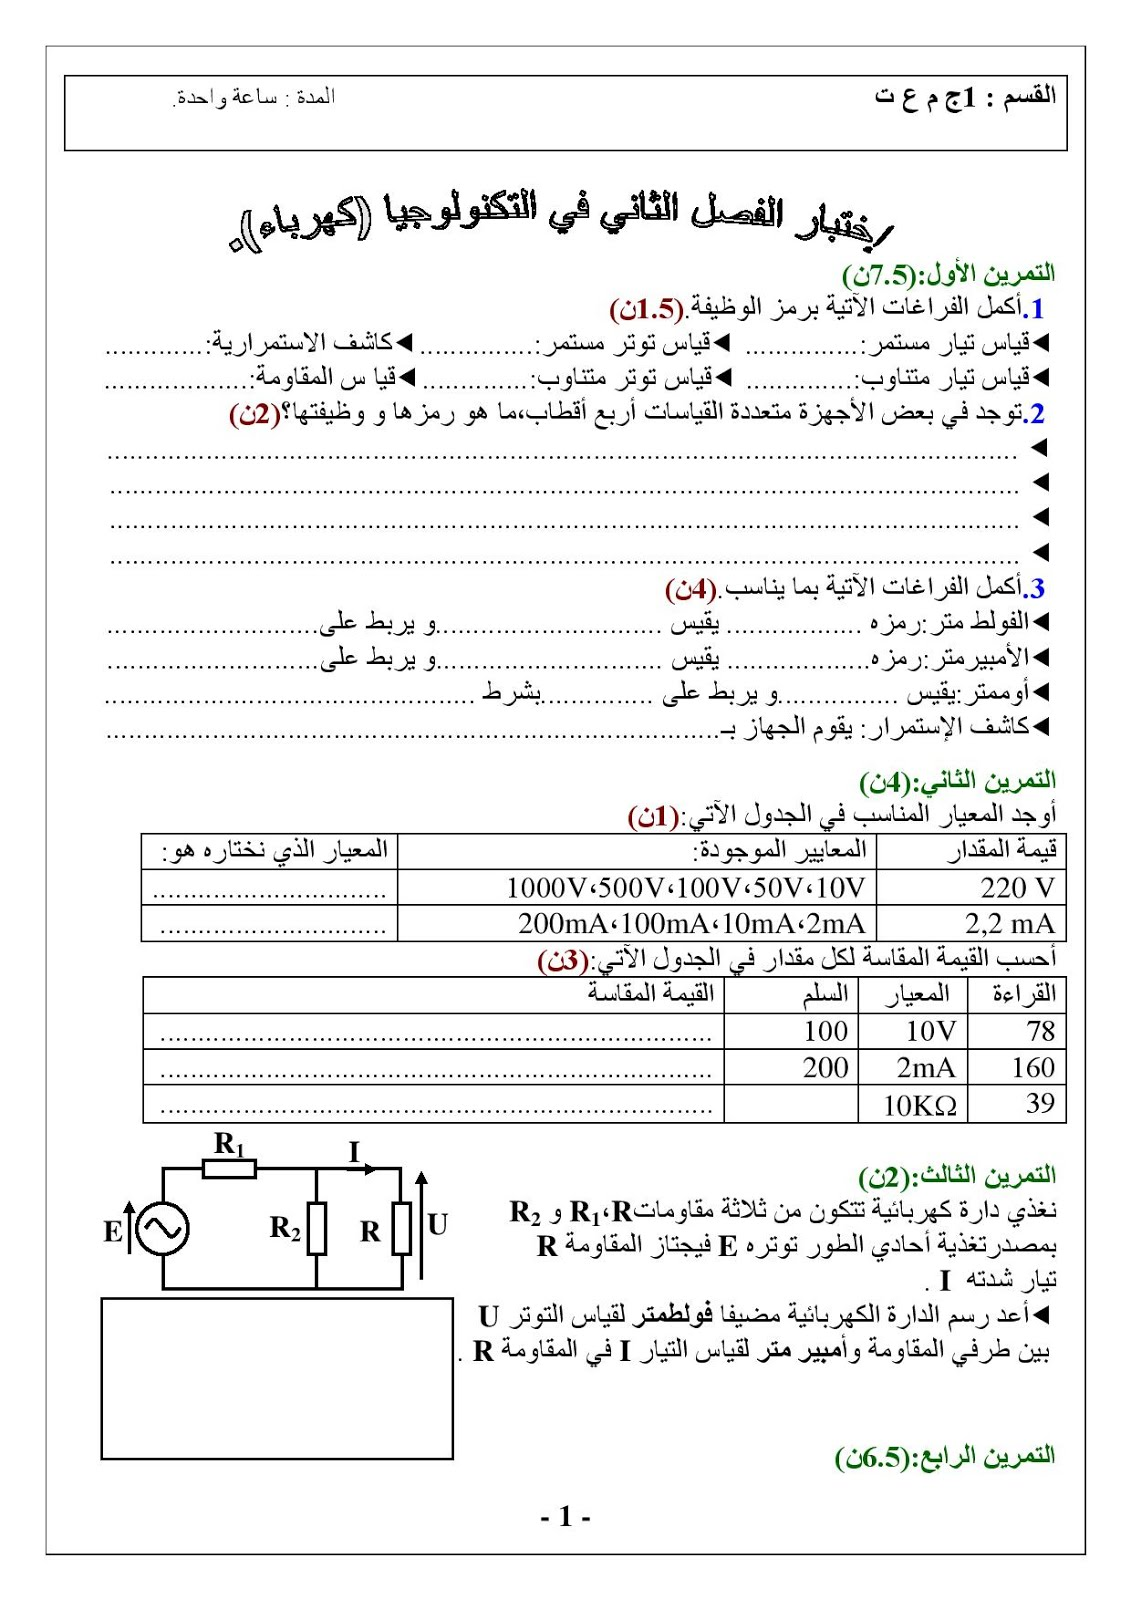 اختبار الفصل الأول في الهندسة الكهربائية